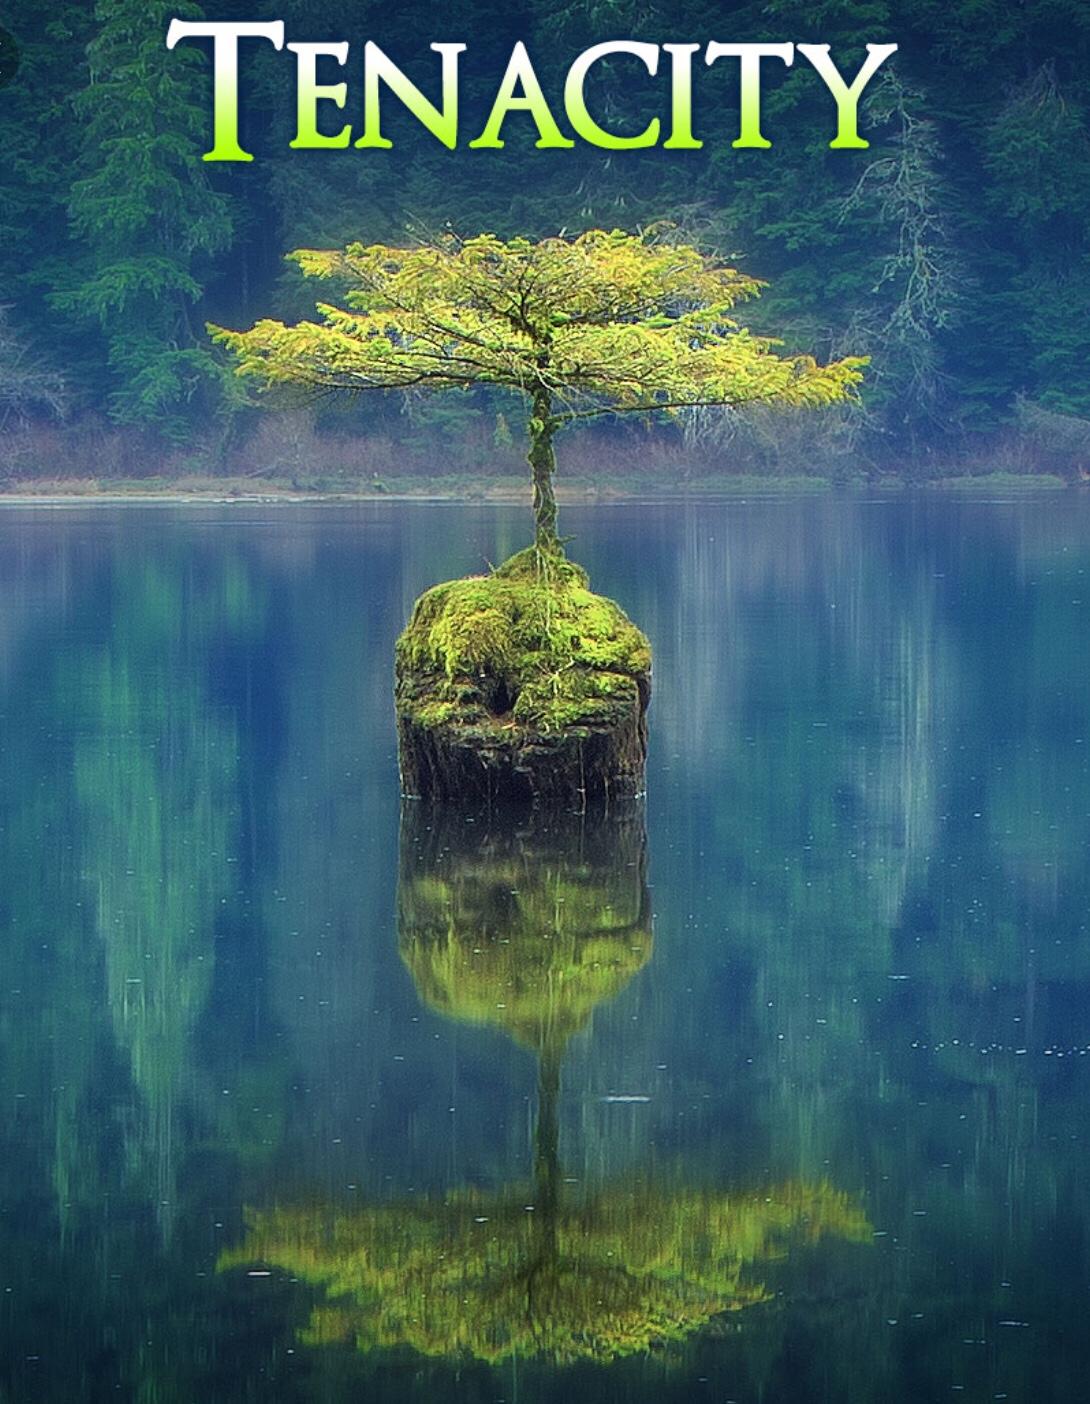 Tenacity = Strength of Purpose